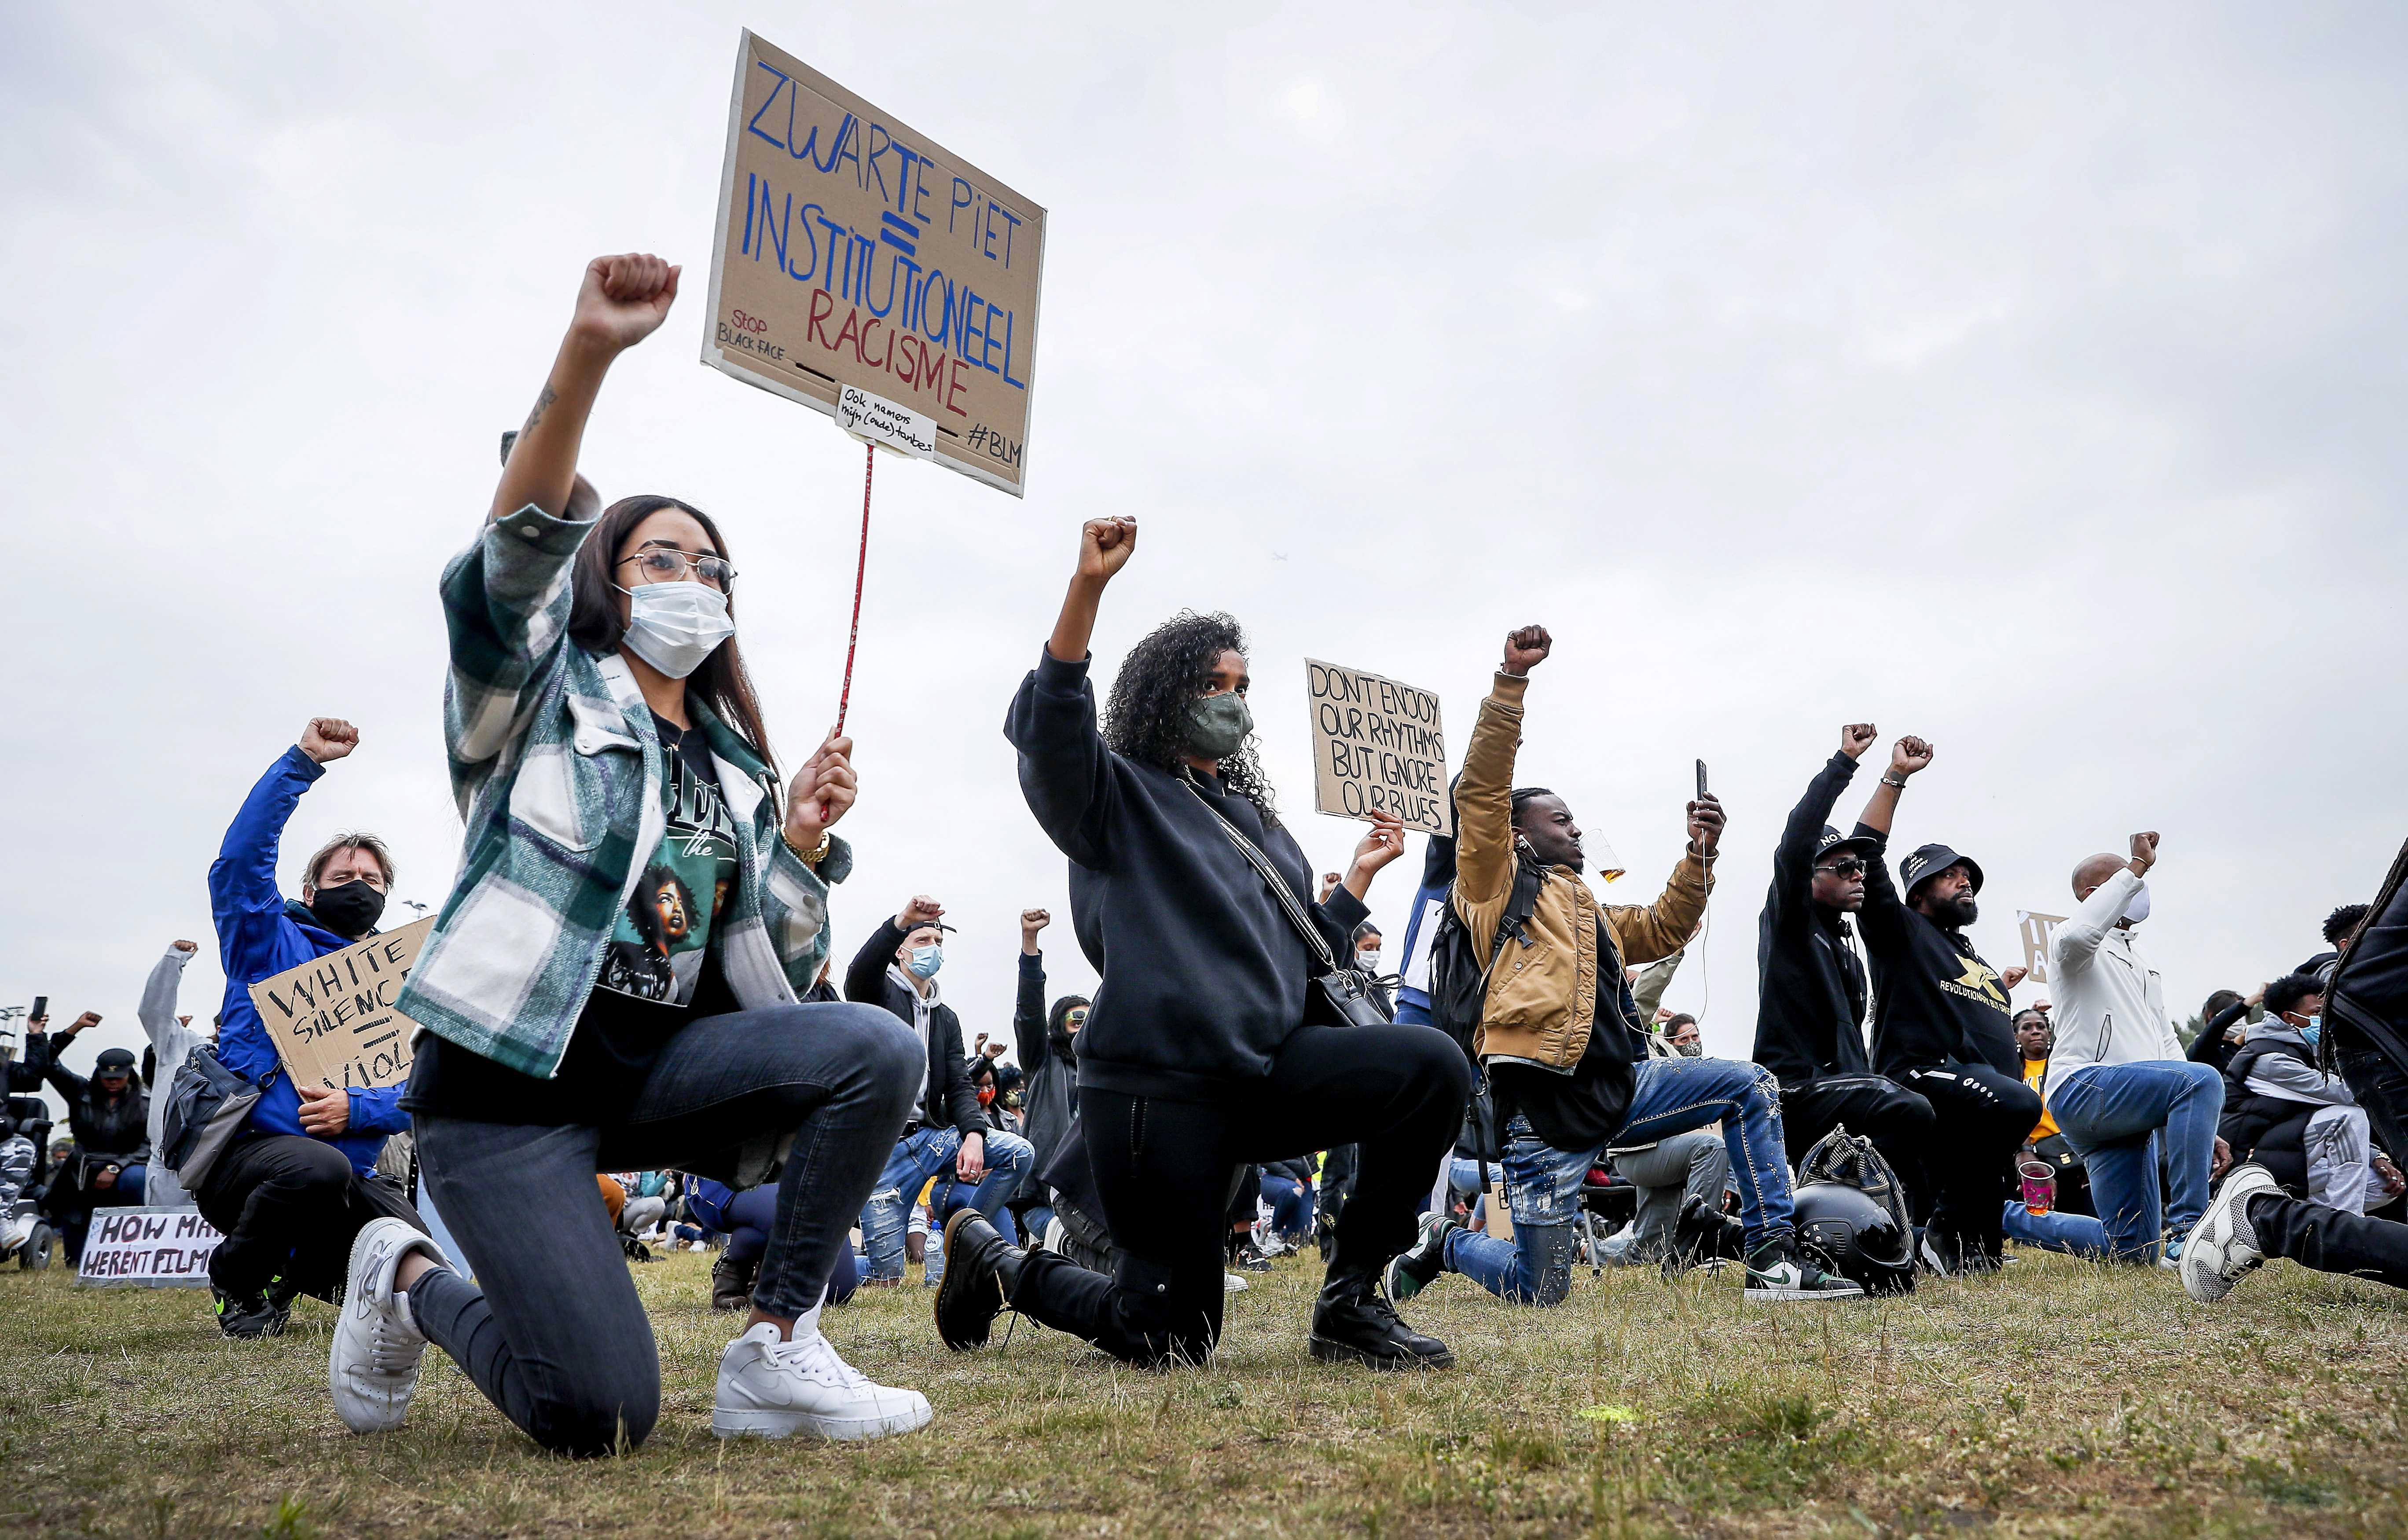 Demonstratie Black Lives Matter zondag op sportpark De Vliet